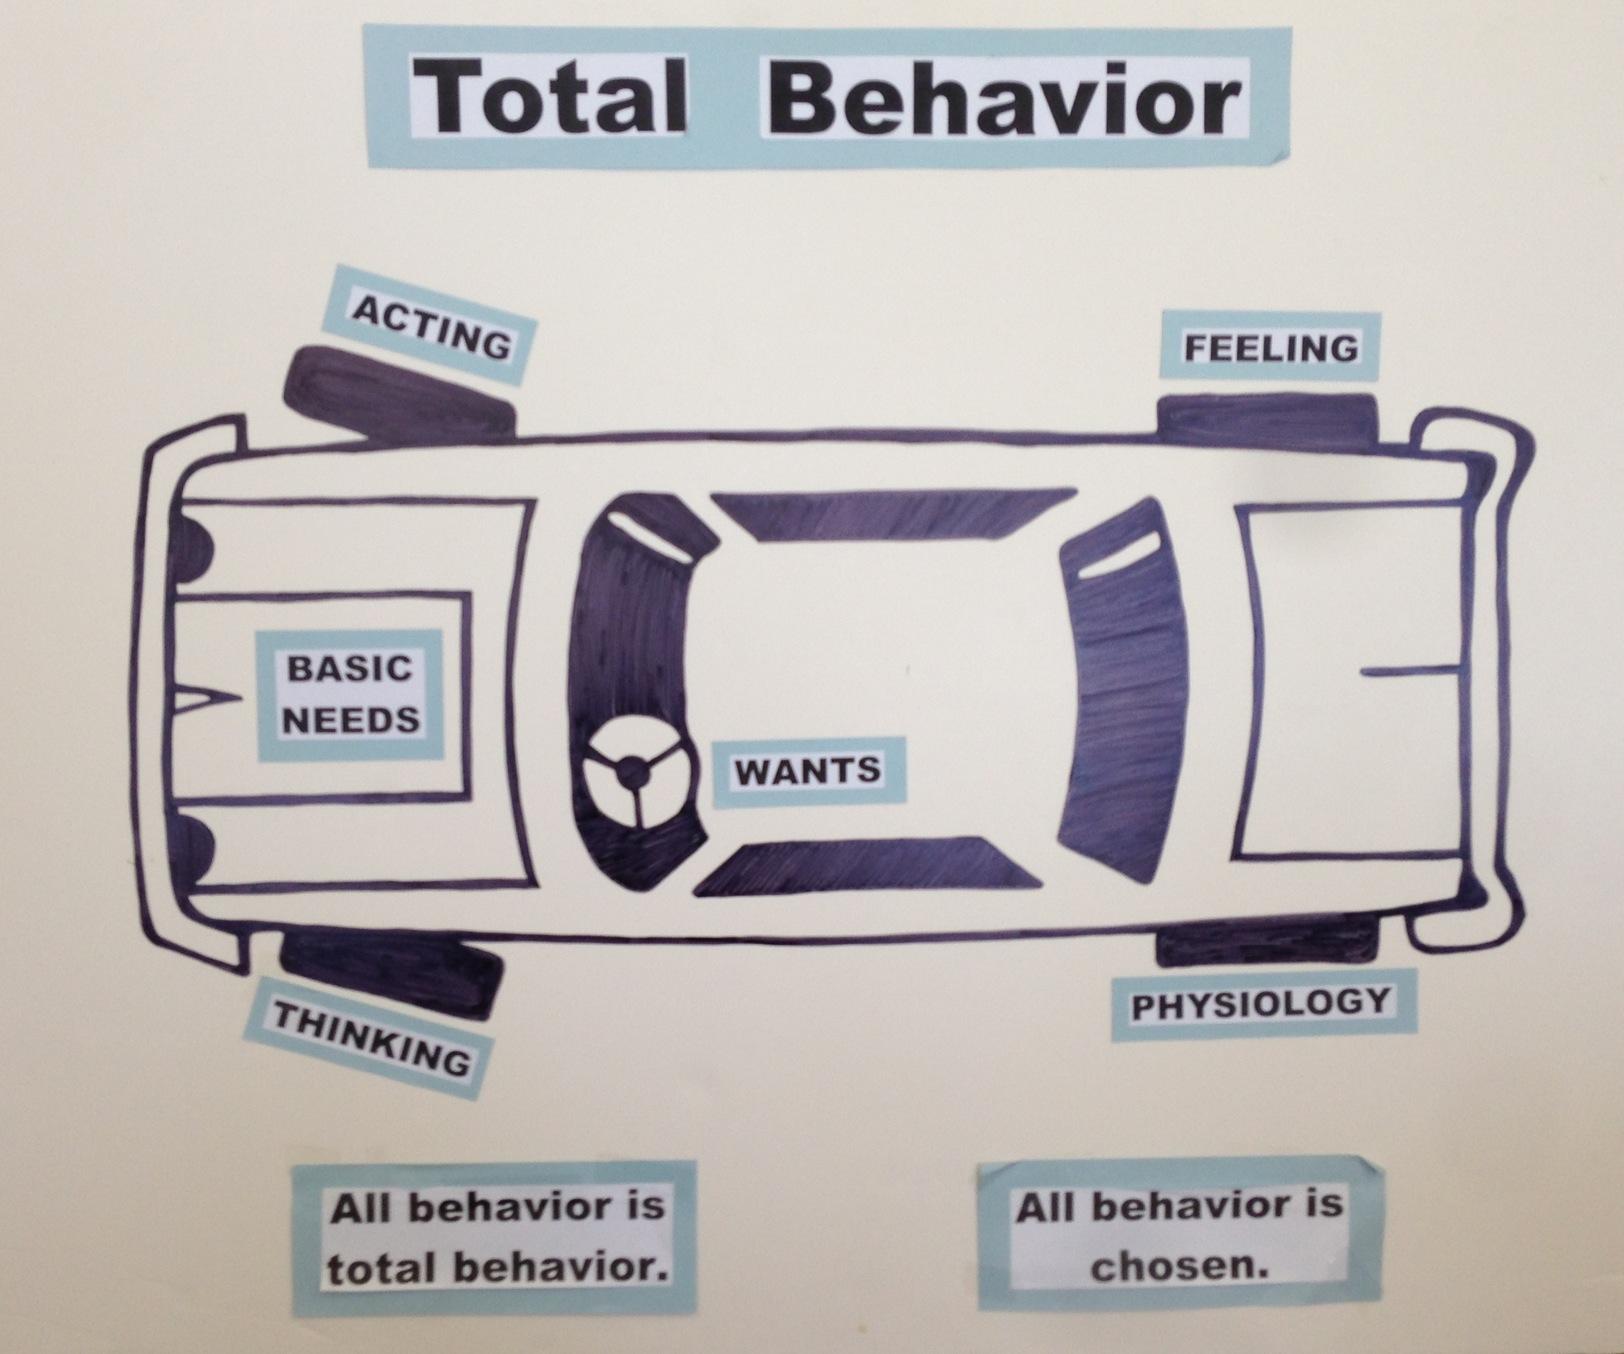 total behavior | The Better Plan